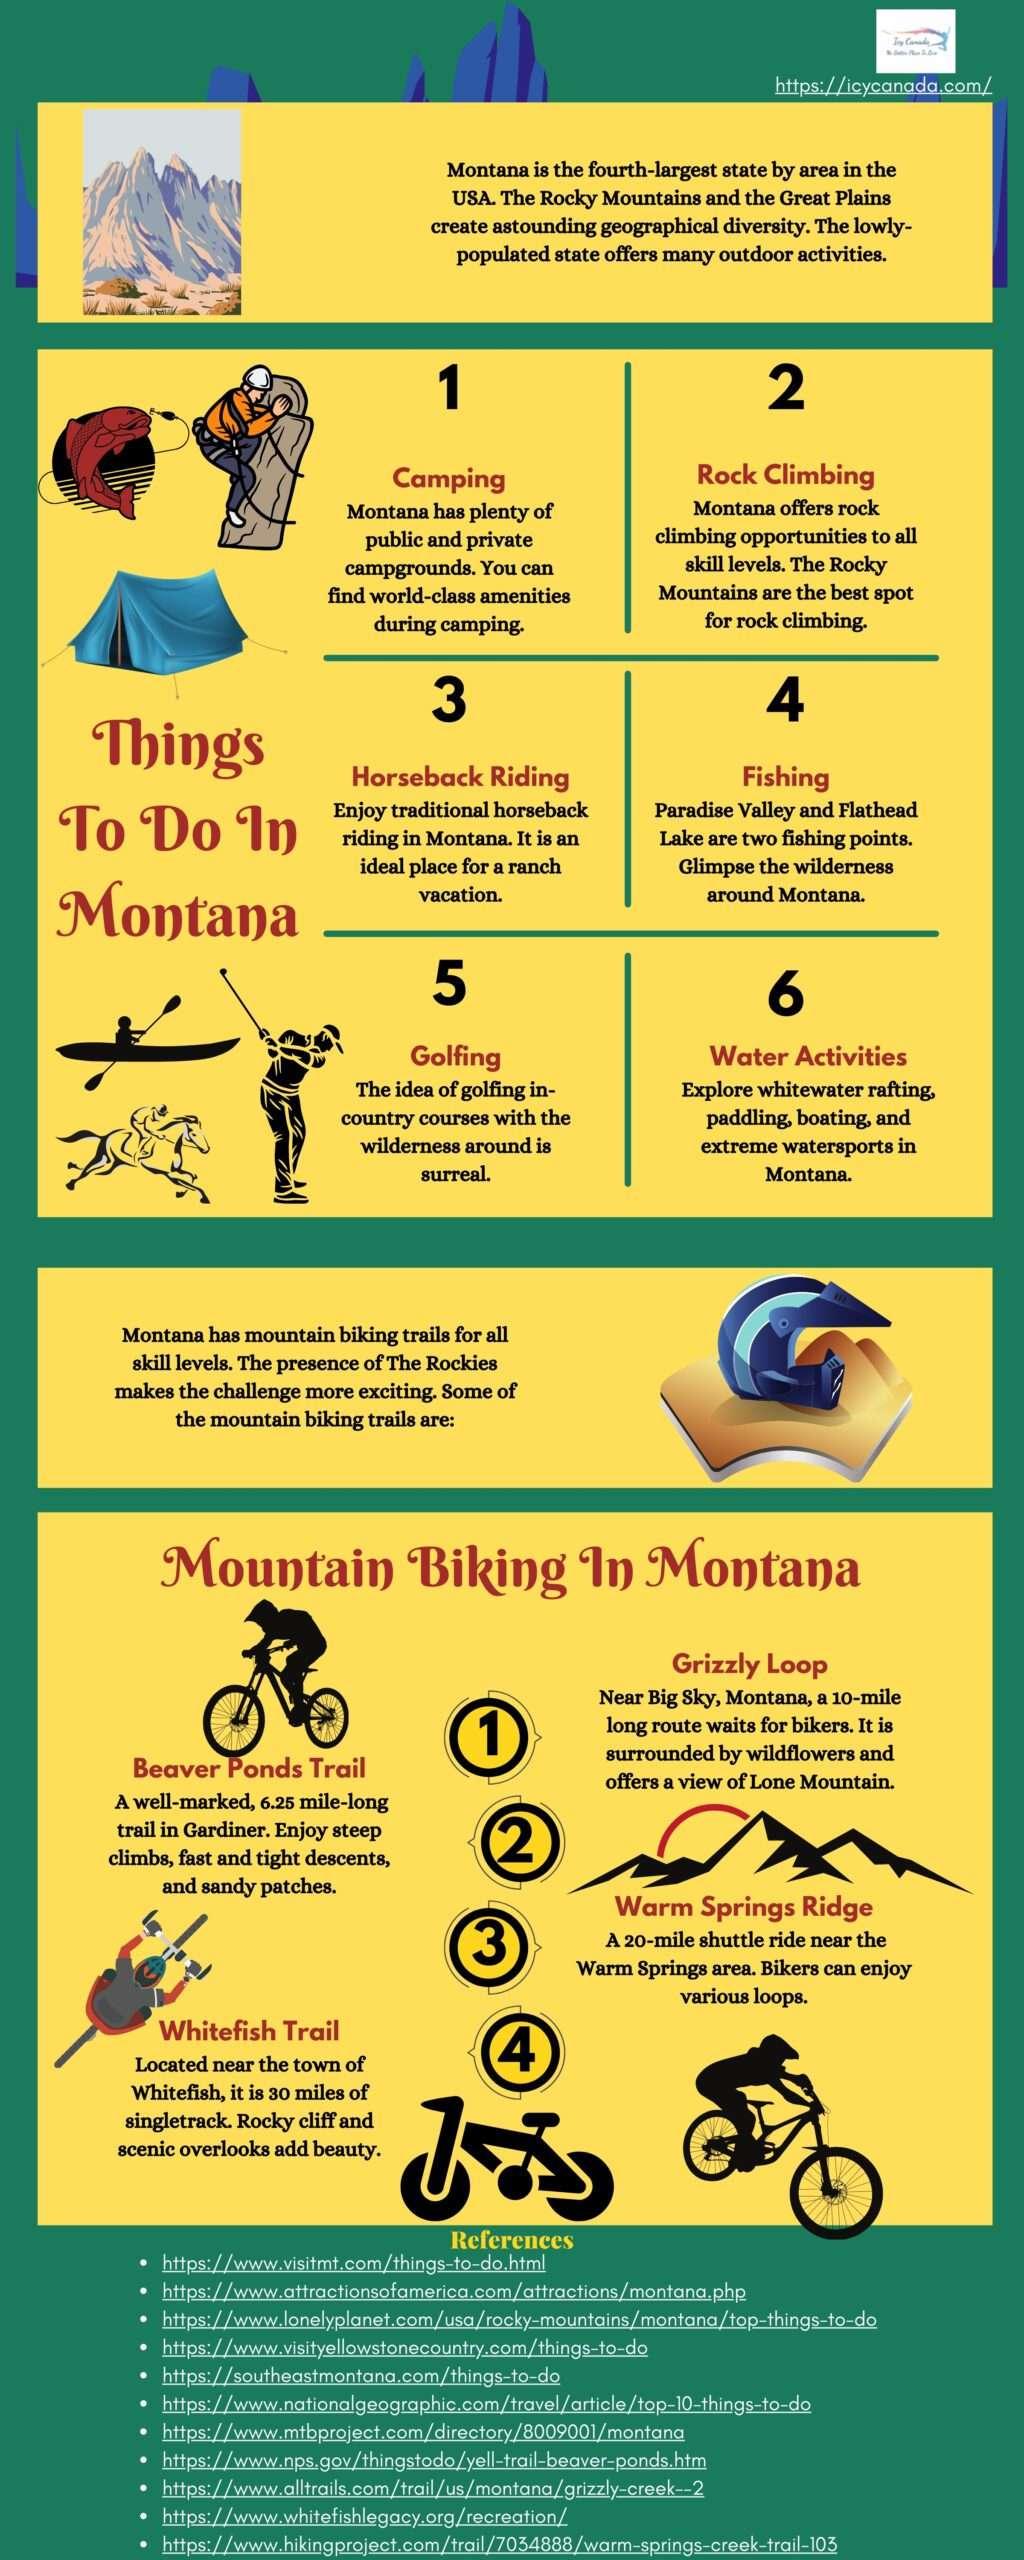 Top Mountain Biking Trails In Montana